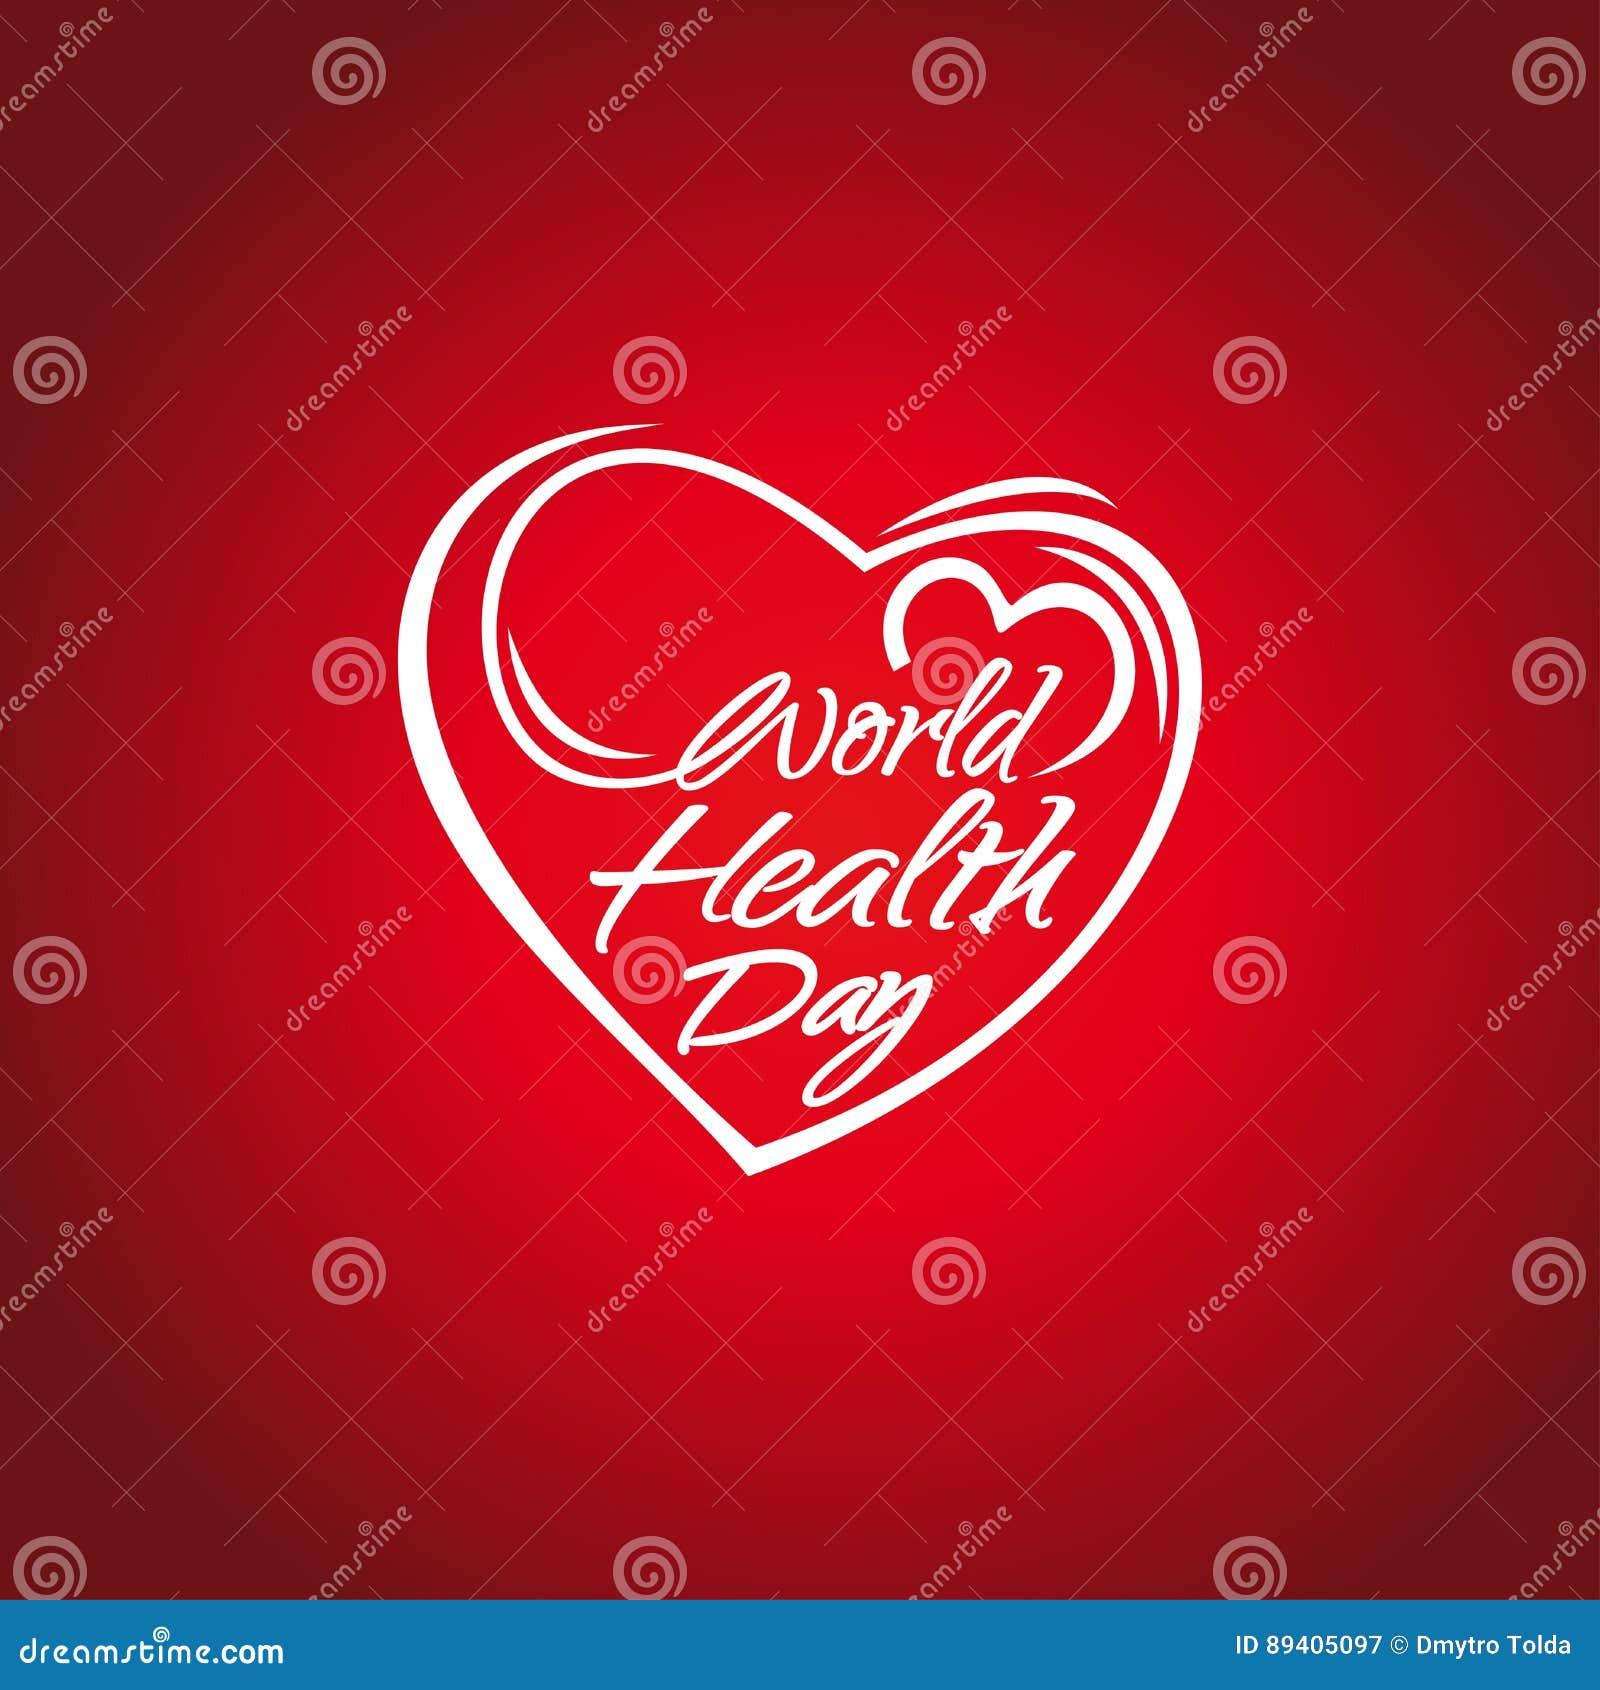 Cartão de rotulação do dia de saúde de mundo